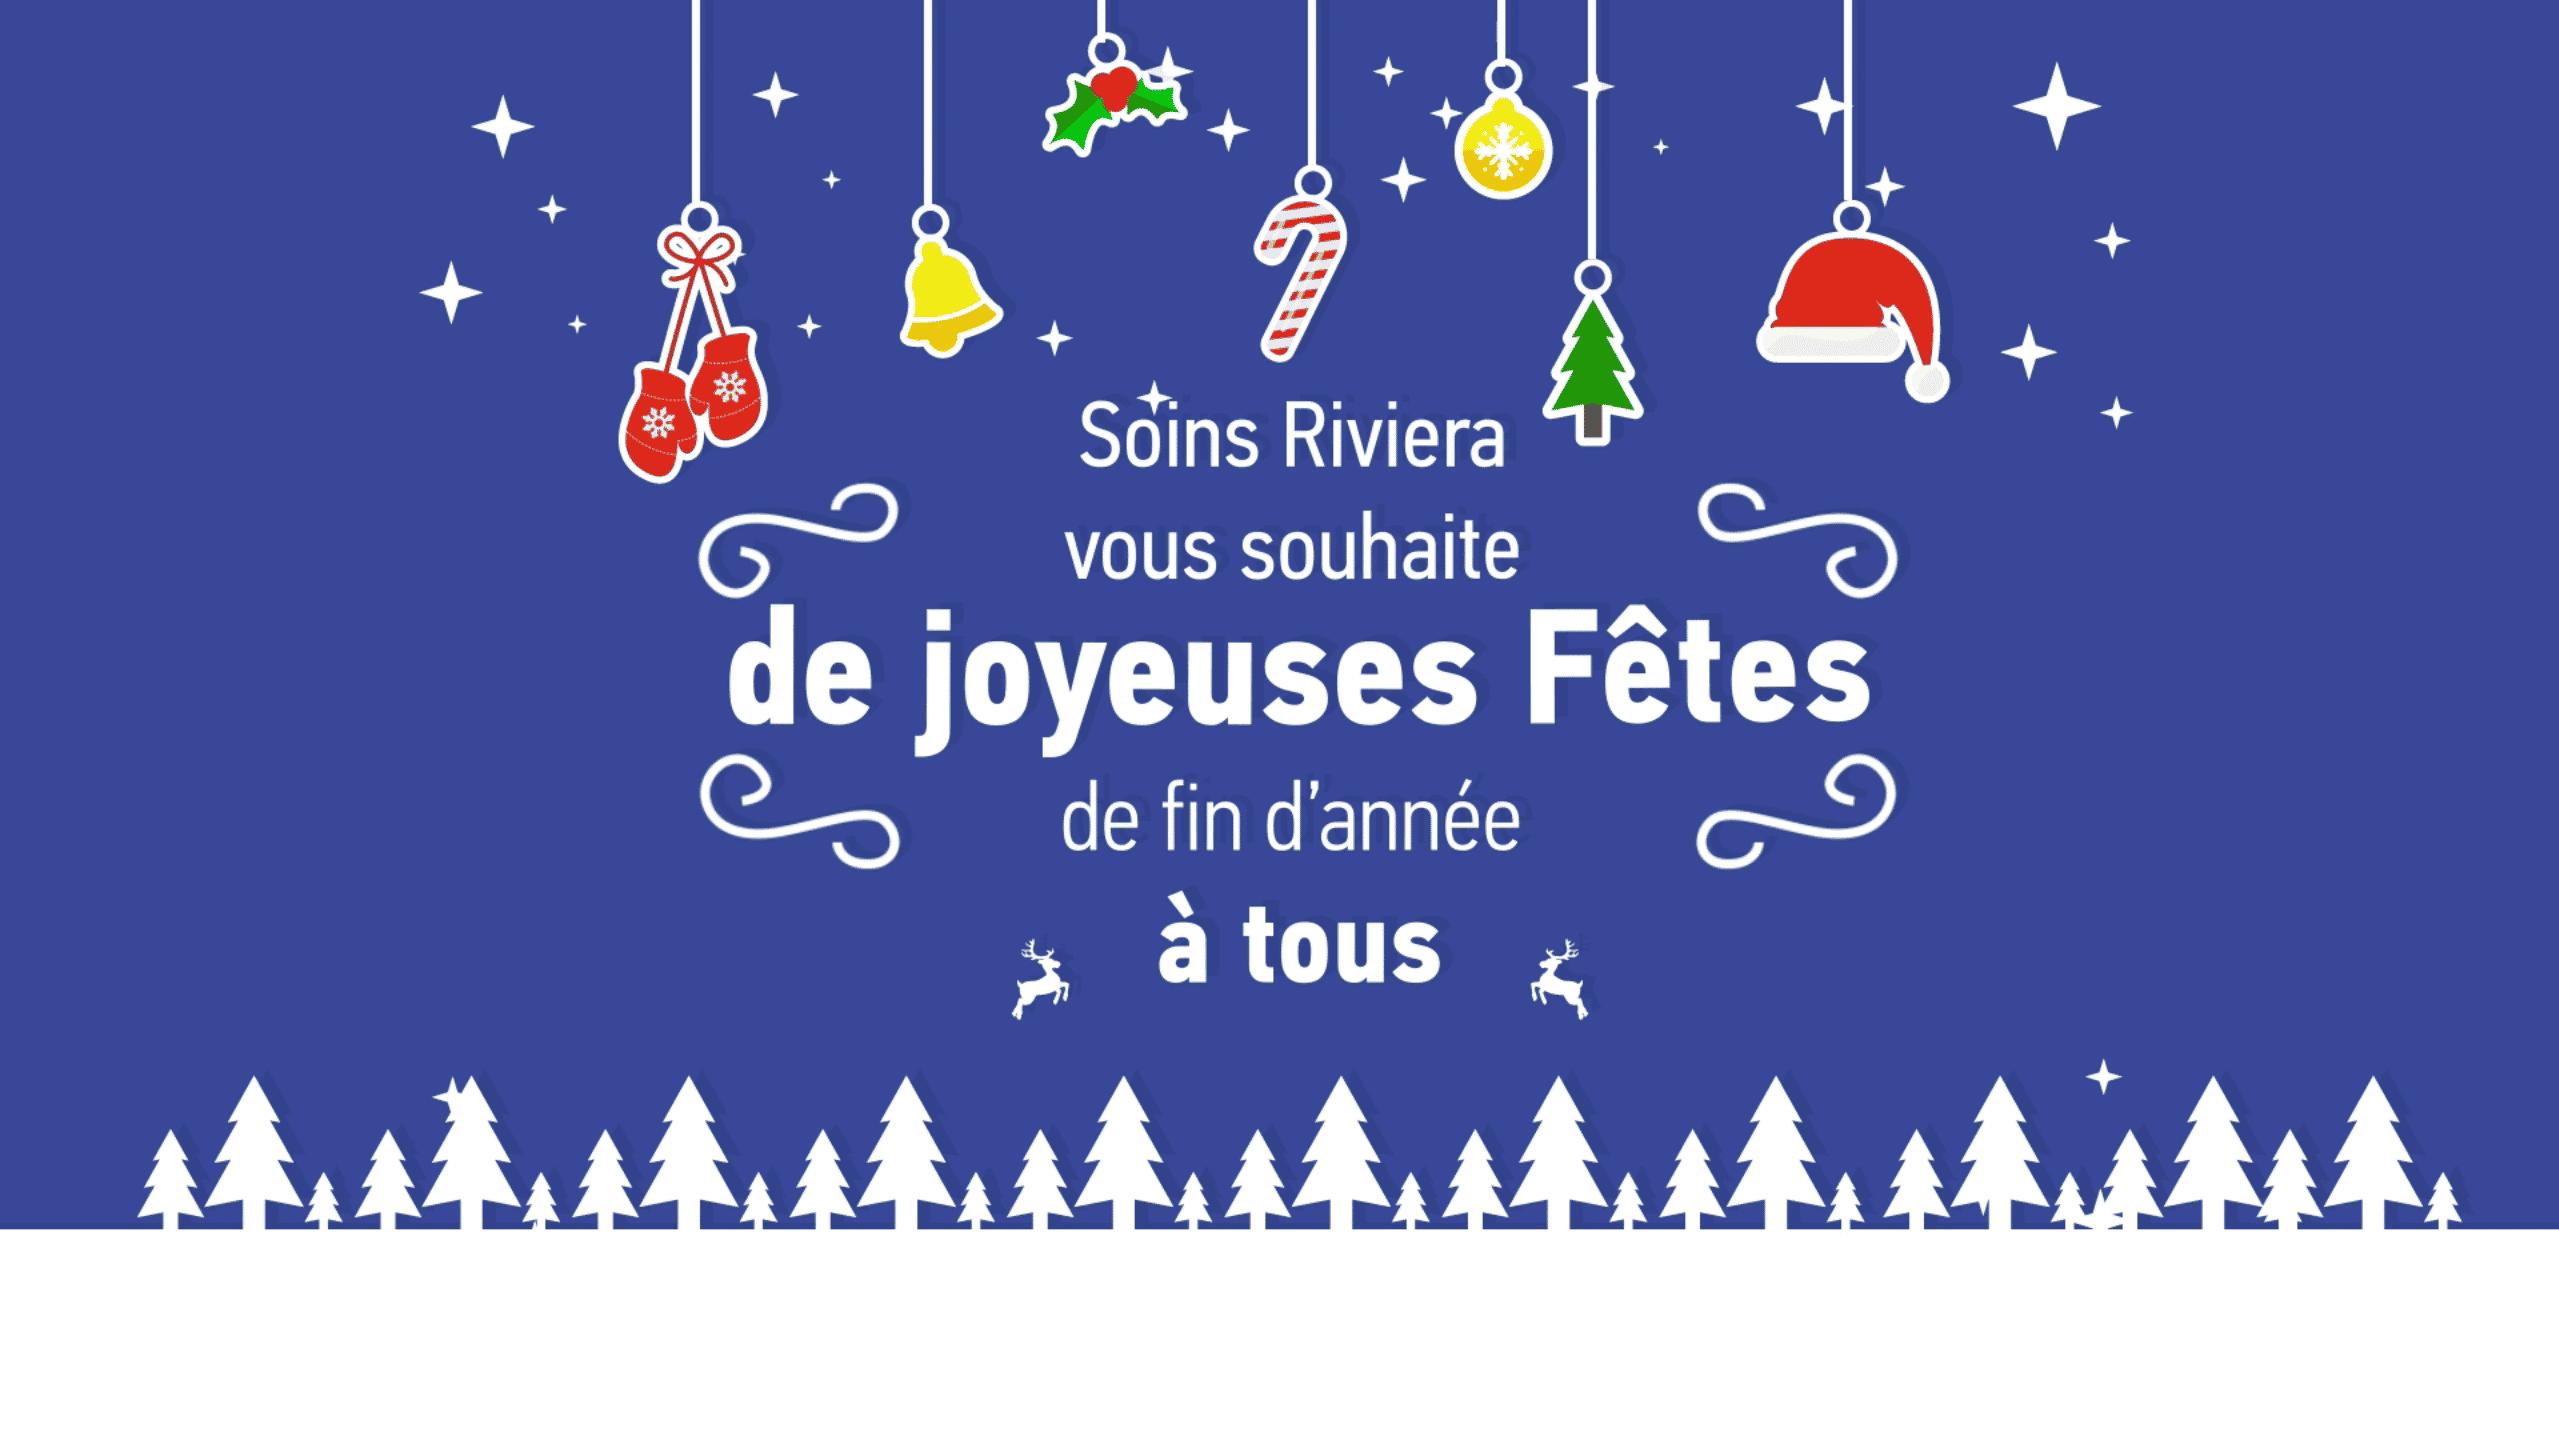 Soins Riviera vous souhaite de joyeuses fêtes de fin d'année à tous